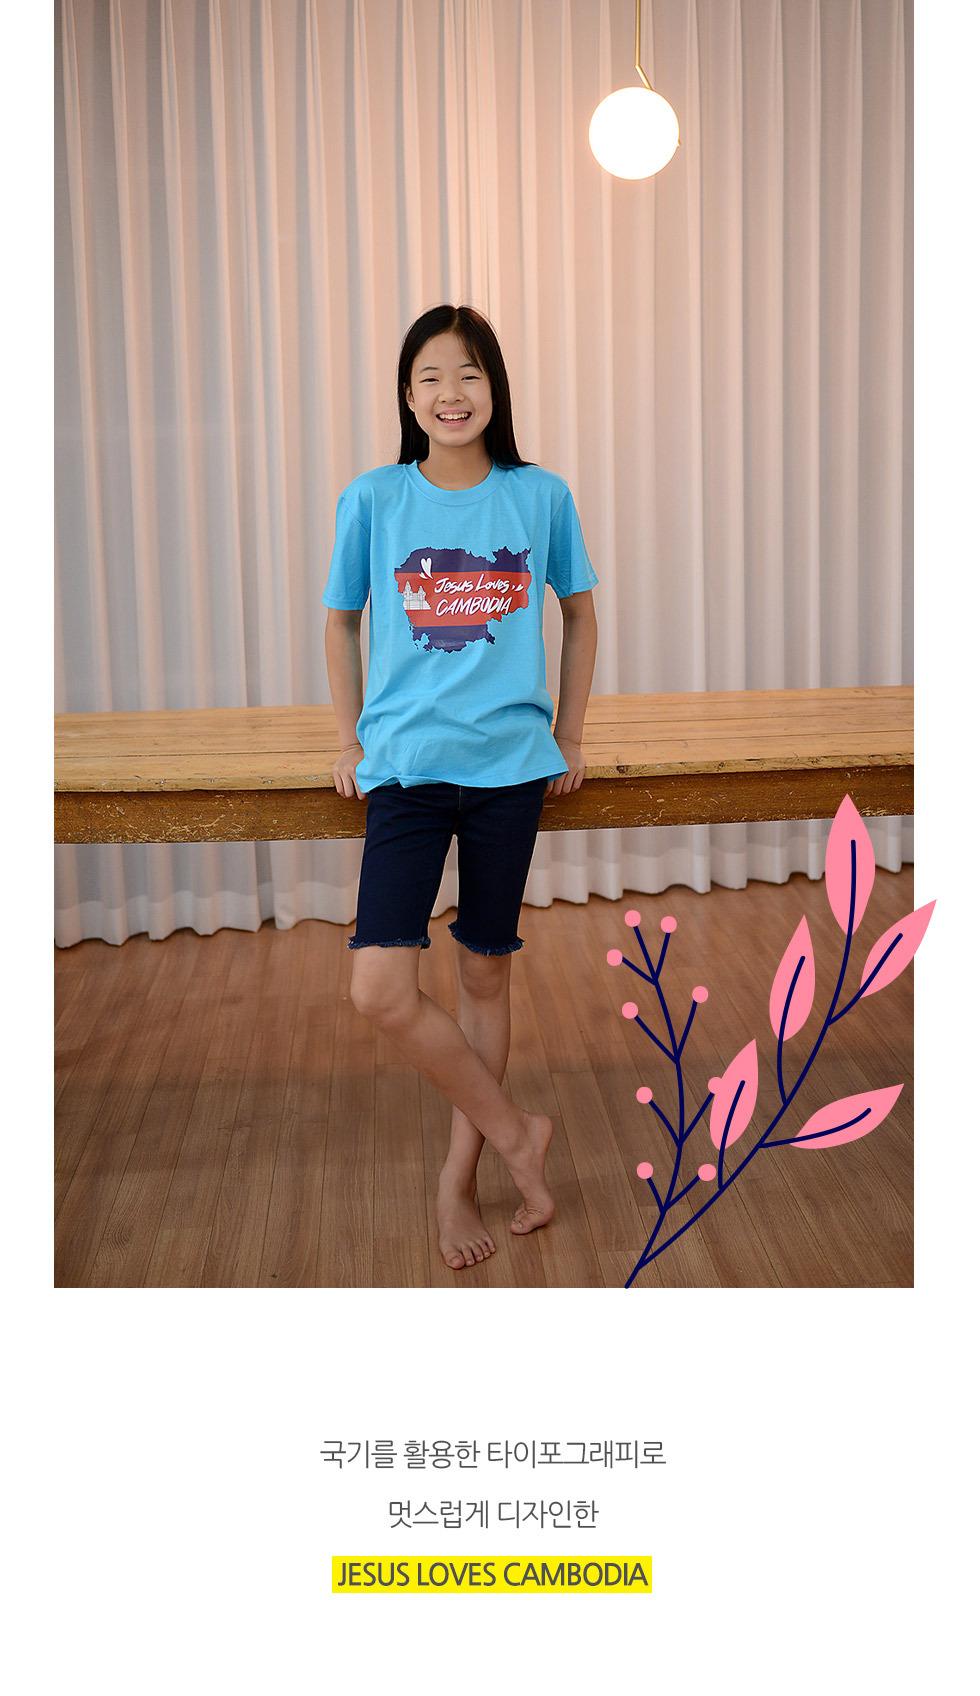 교회 단체티셔츠 캄보디아 선교티 (Jesus loves Cambodia) - 미션트립 단체 아동티셔츠(캄보디아 선교)